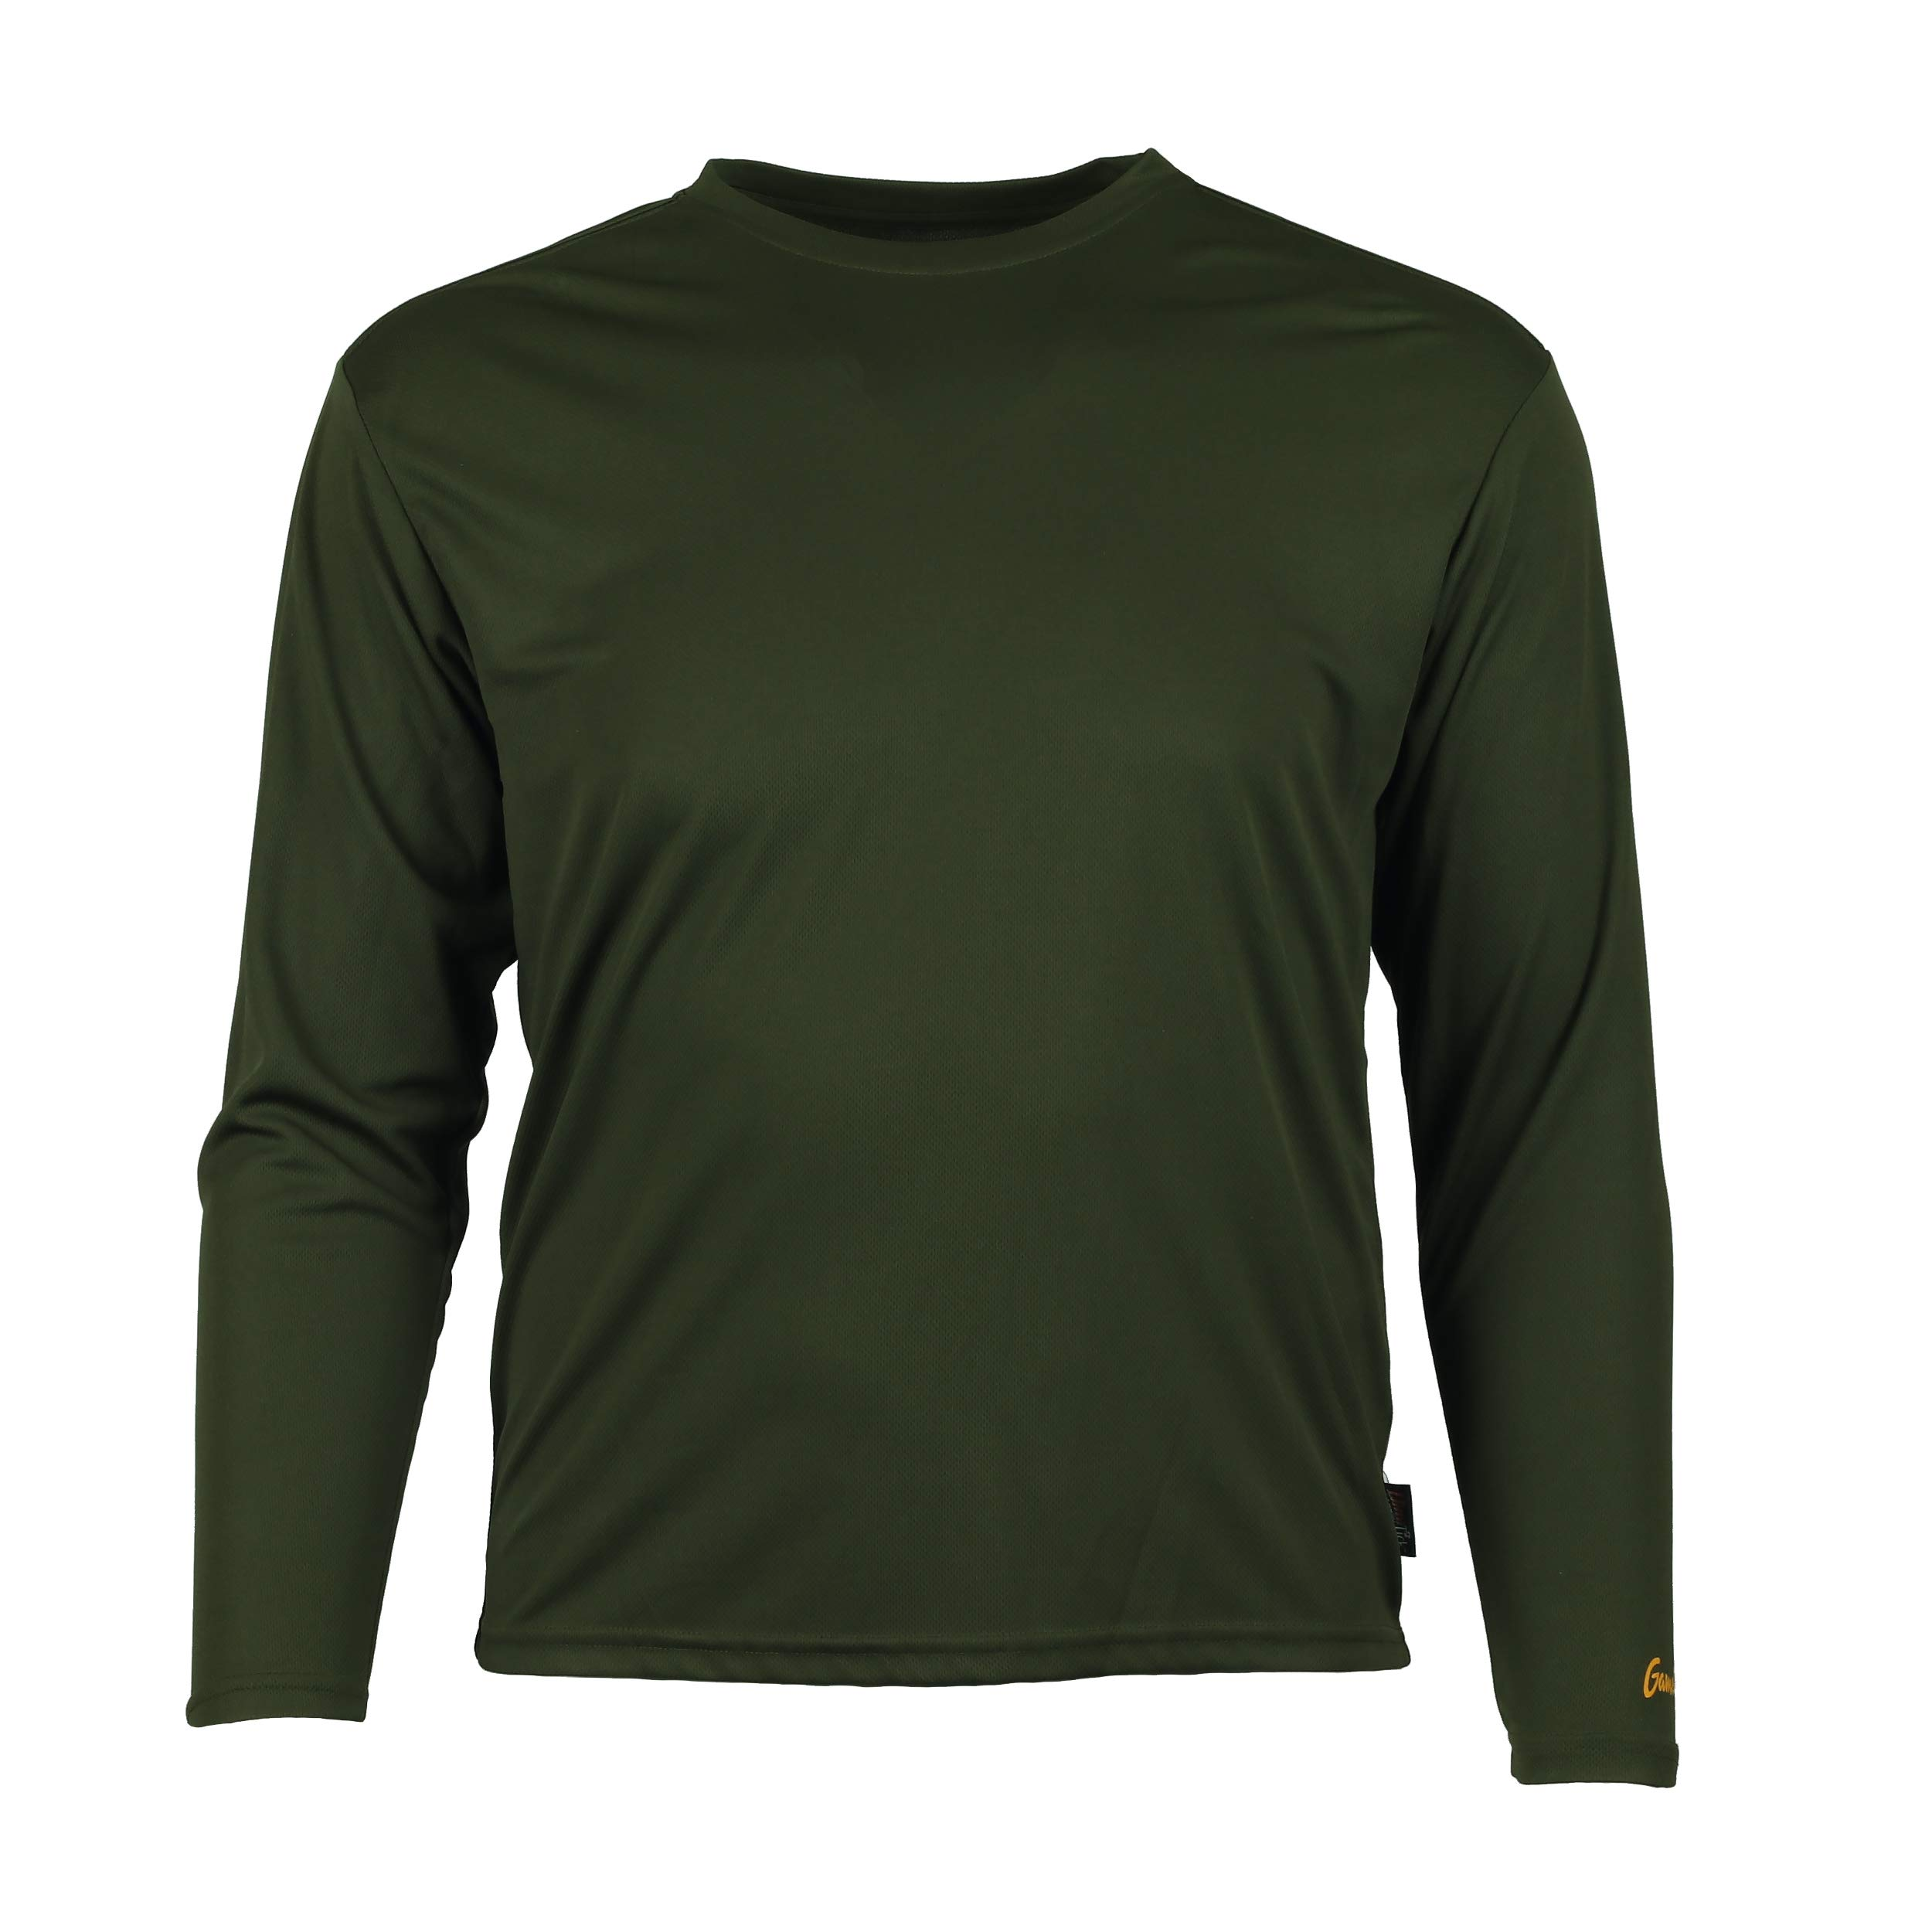 Gamehide ElimiTick Long Sleeve Tech Shirt (Loden, S) by Gamehide